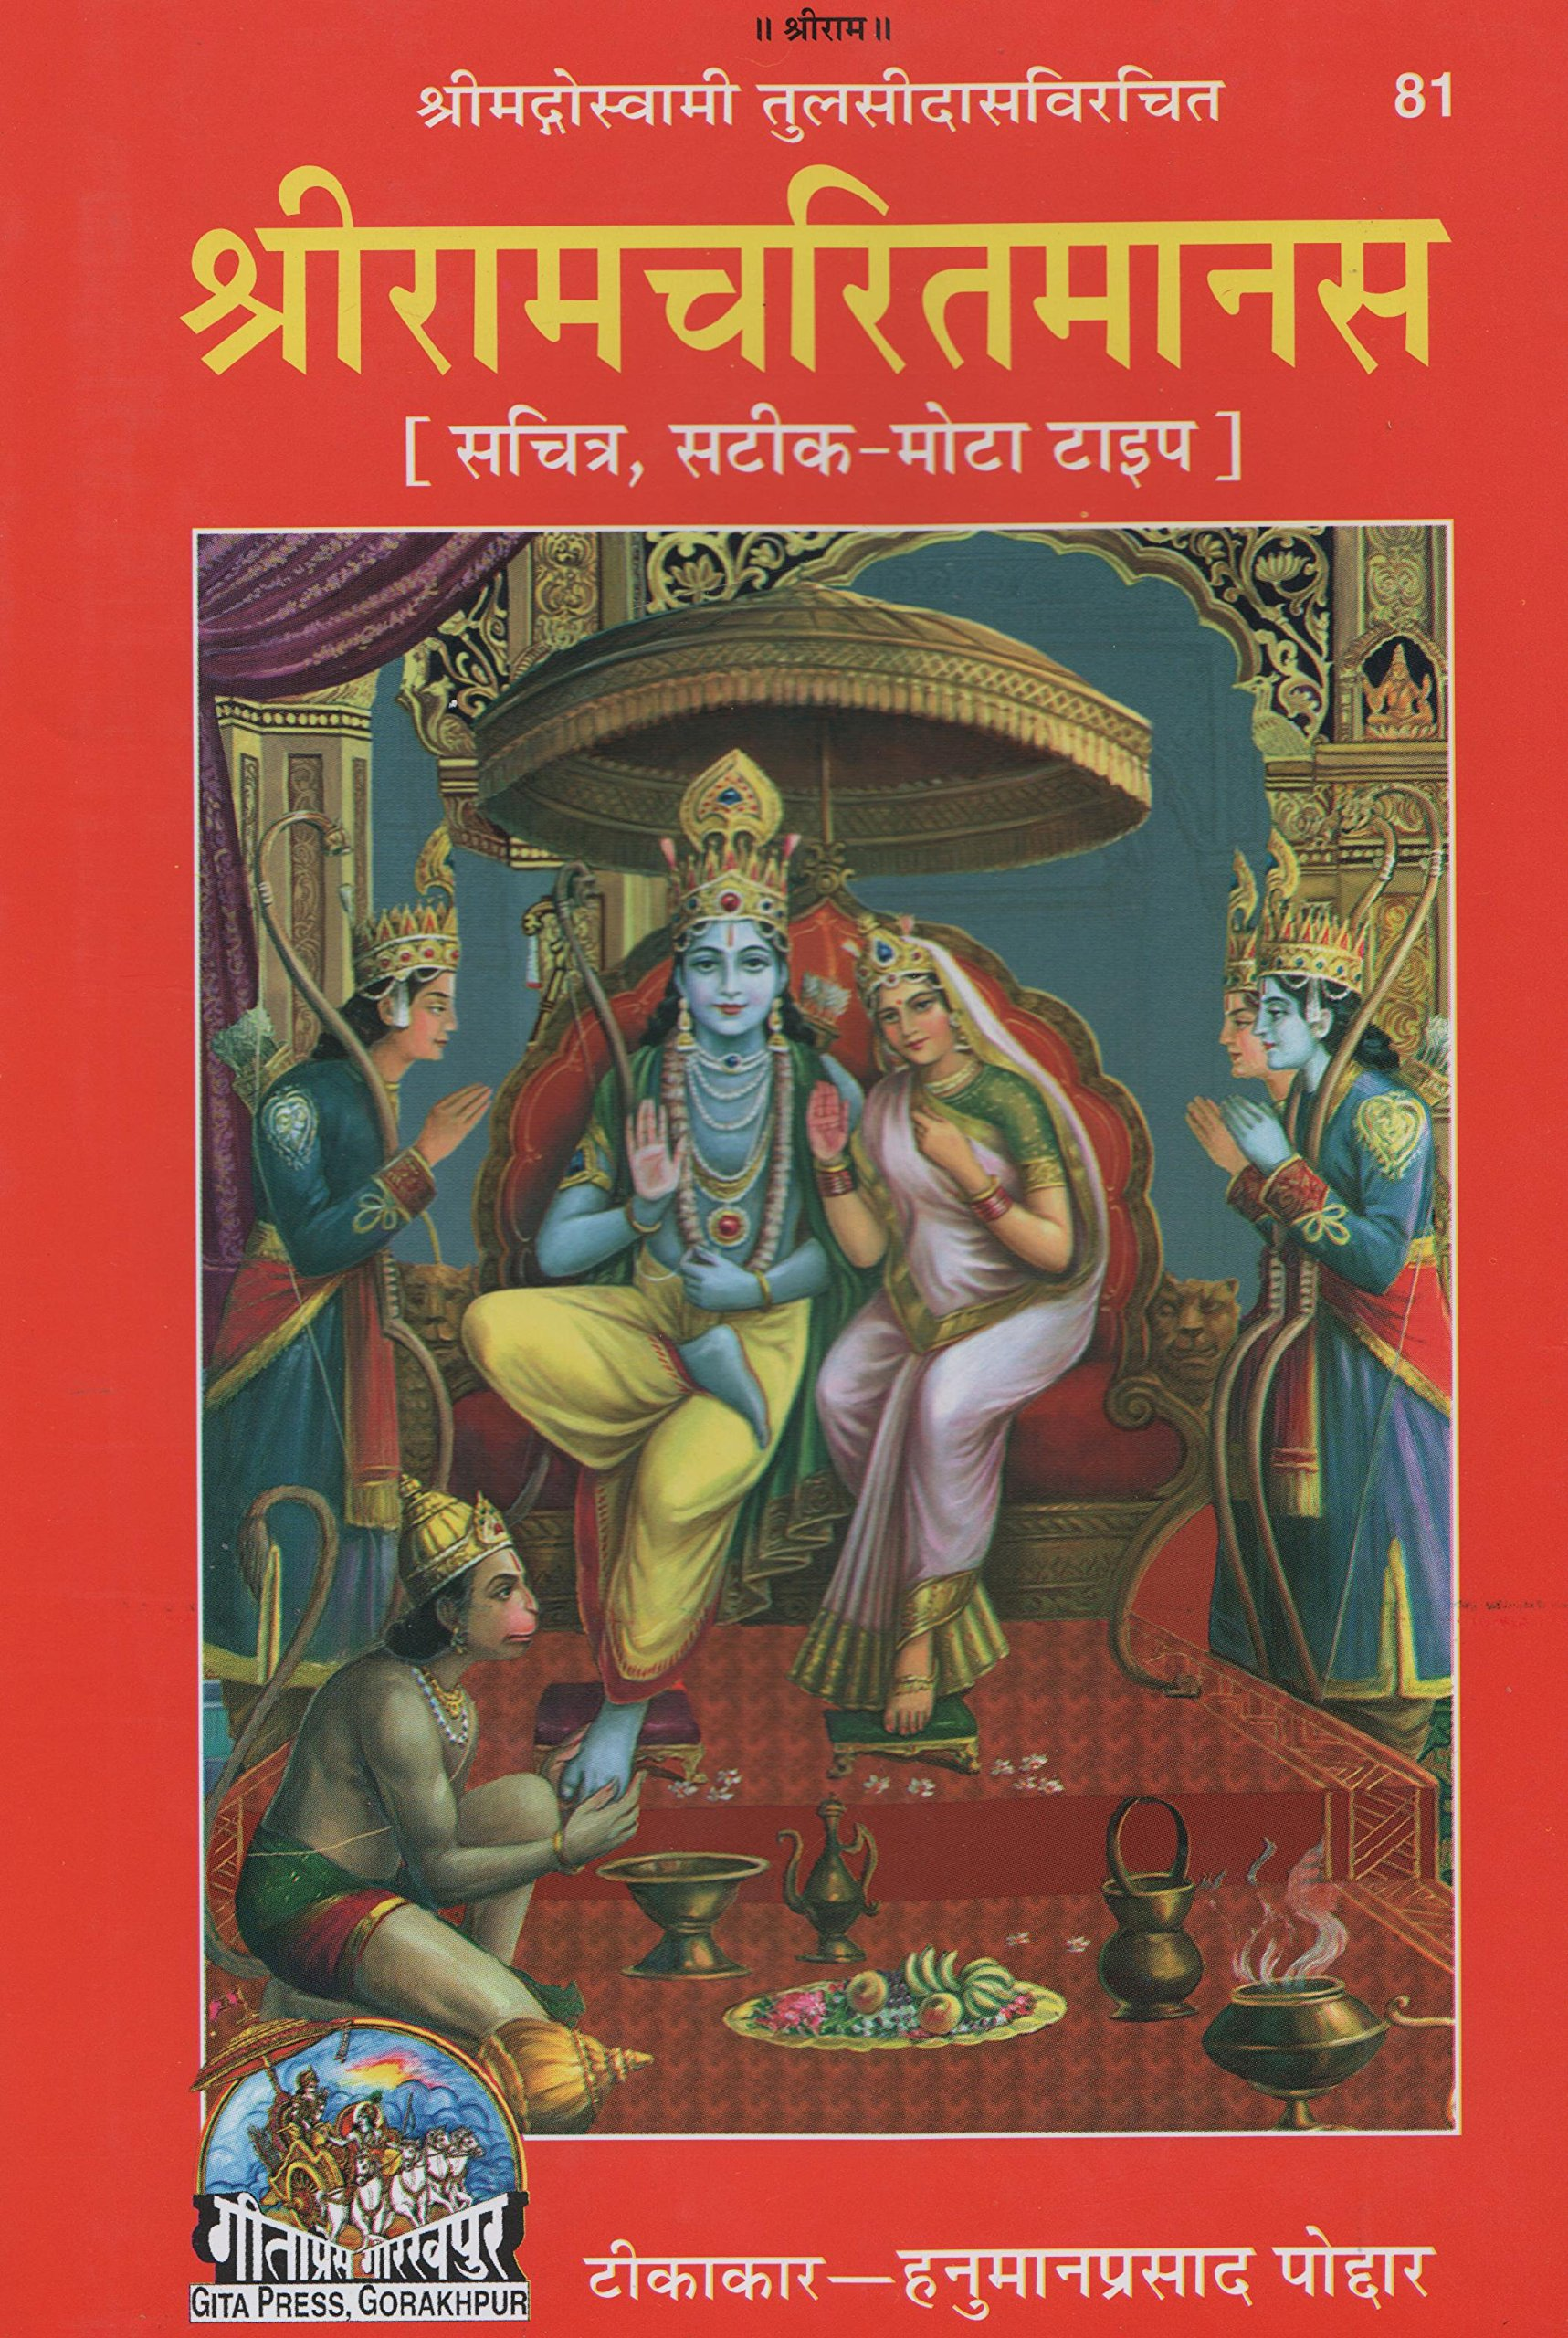 Hindi books pdf in gorakhpur press gita